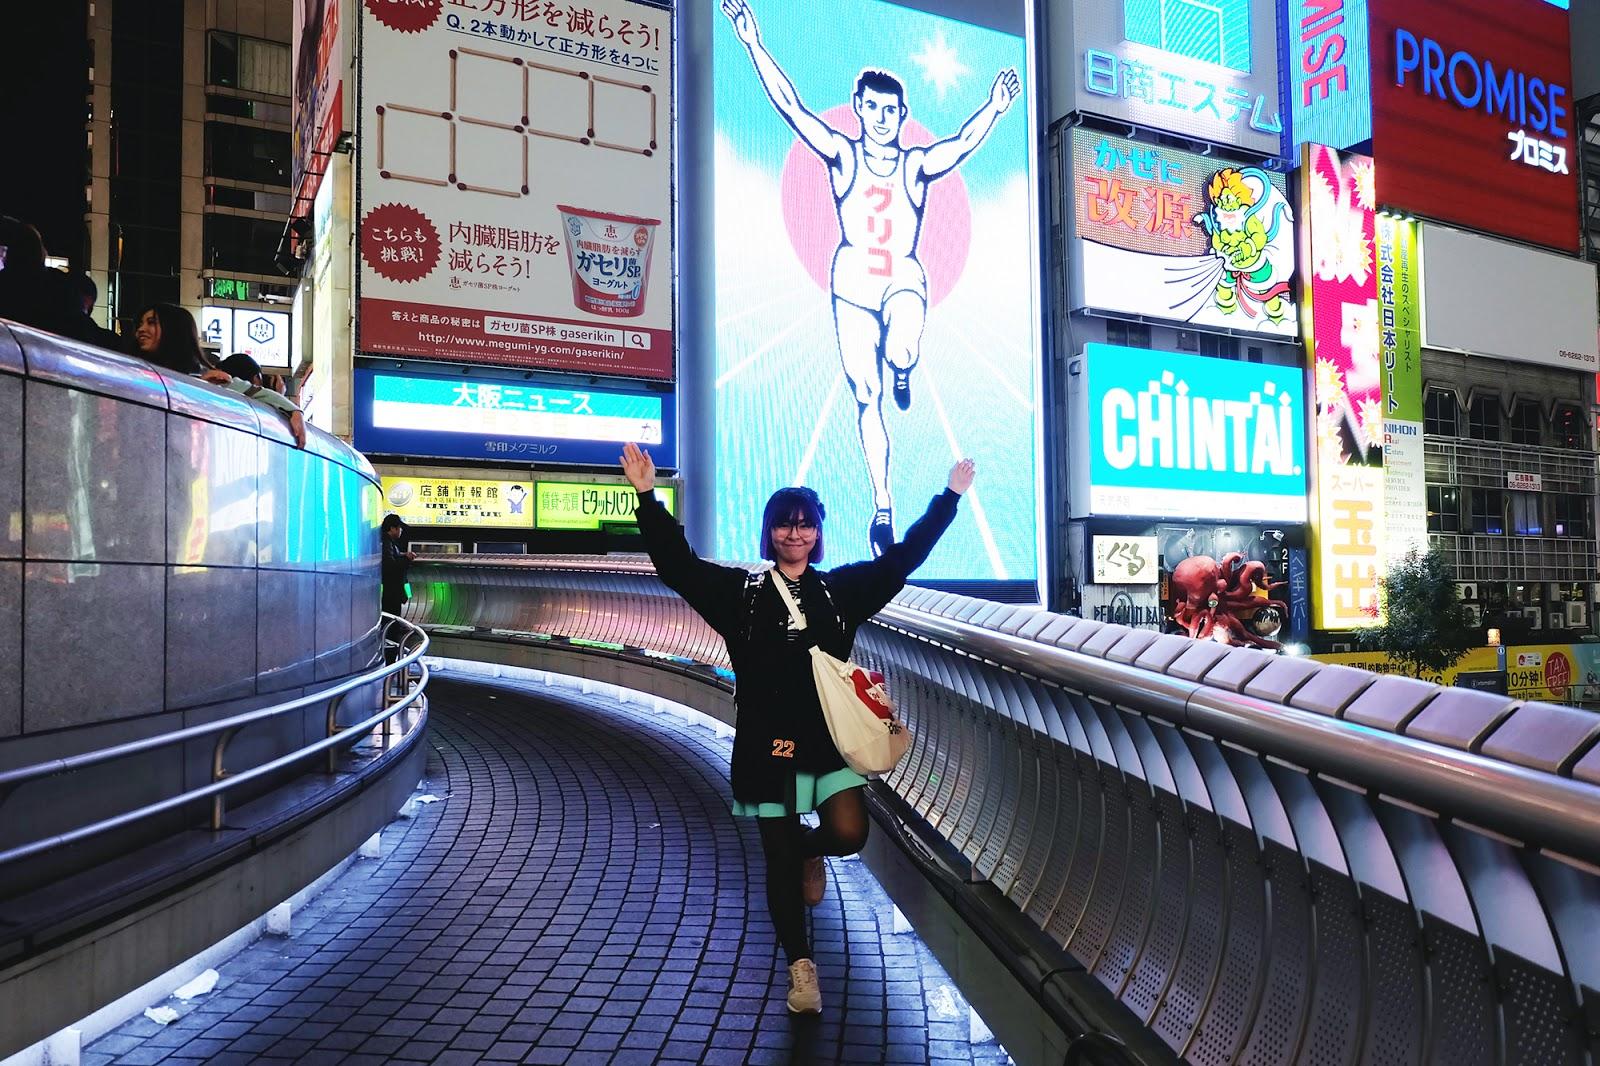 Dotonbori Osaka Glico Man | www.bigdreamerblog.com